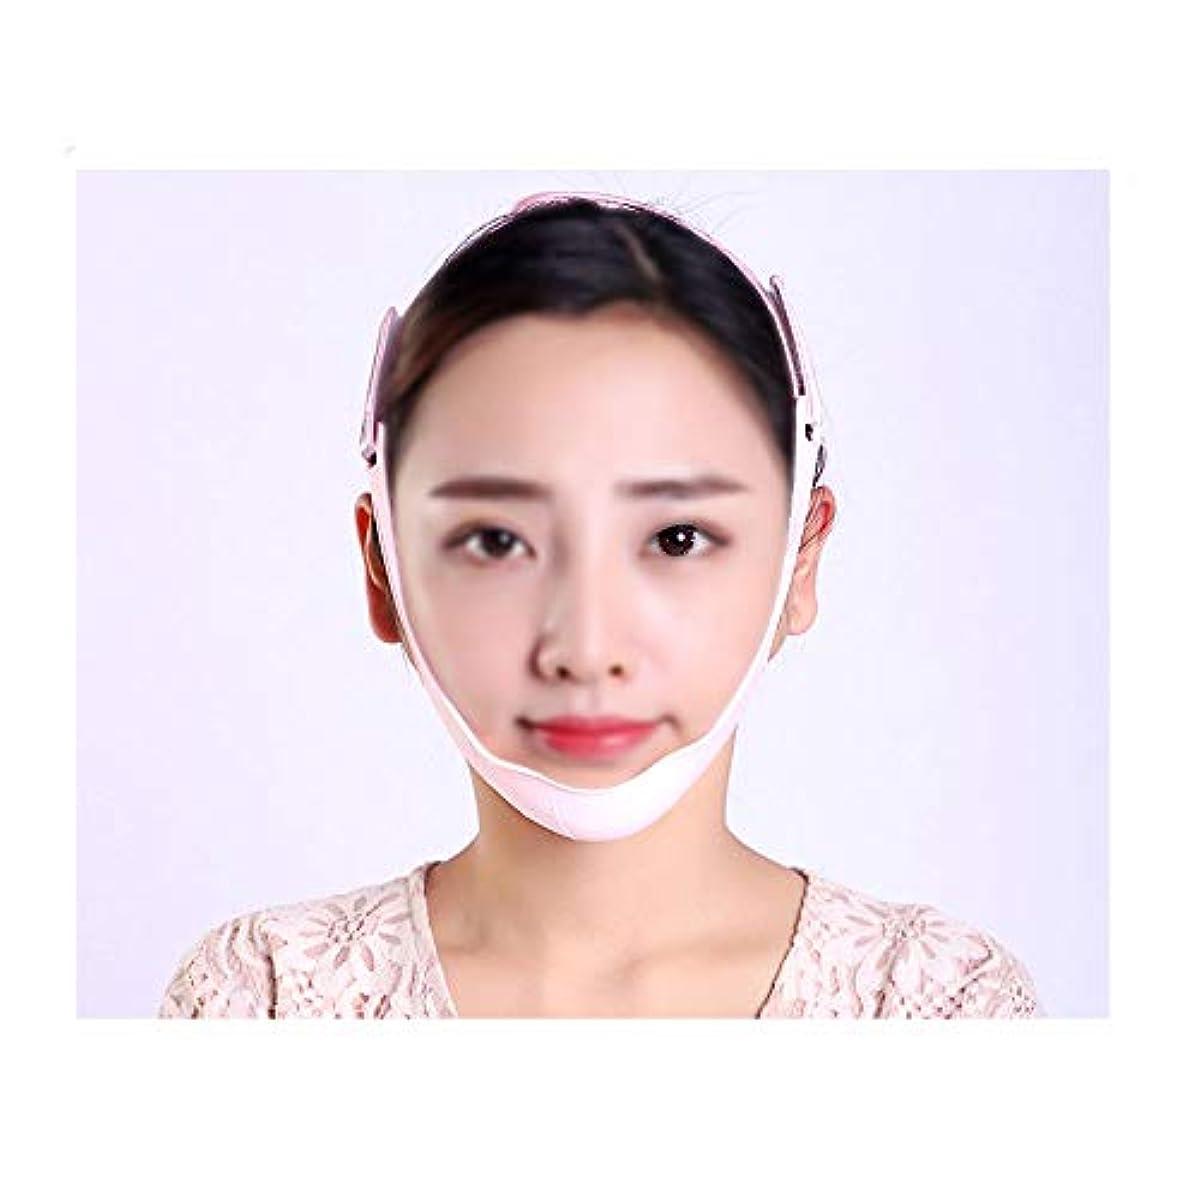 過去靄子供っぽいGLJJQMY フェイシャルファーミングマスクリフティングフェイシャルファーミングボディマッセンスキニー包帯通気性二重層顎痩身マスク 顔用整形マスク